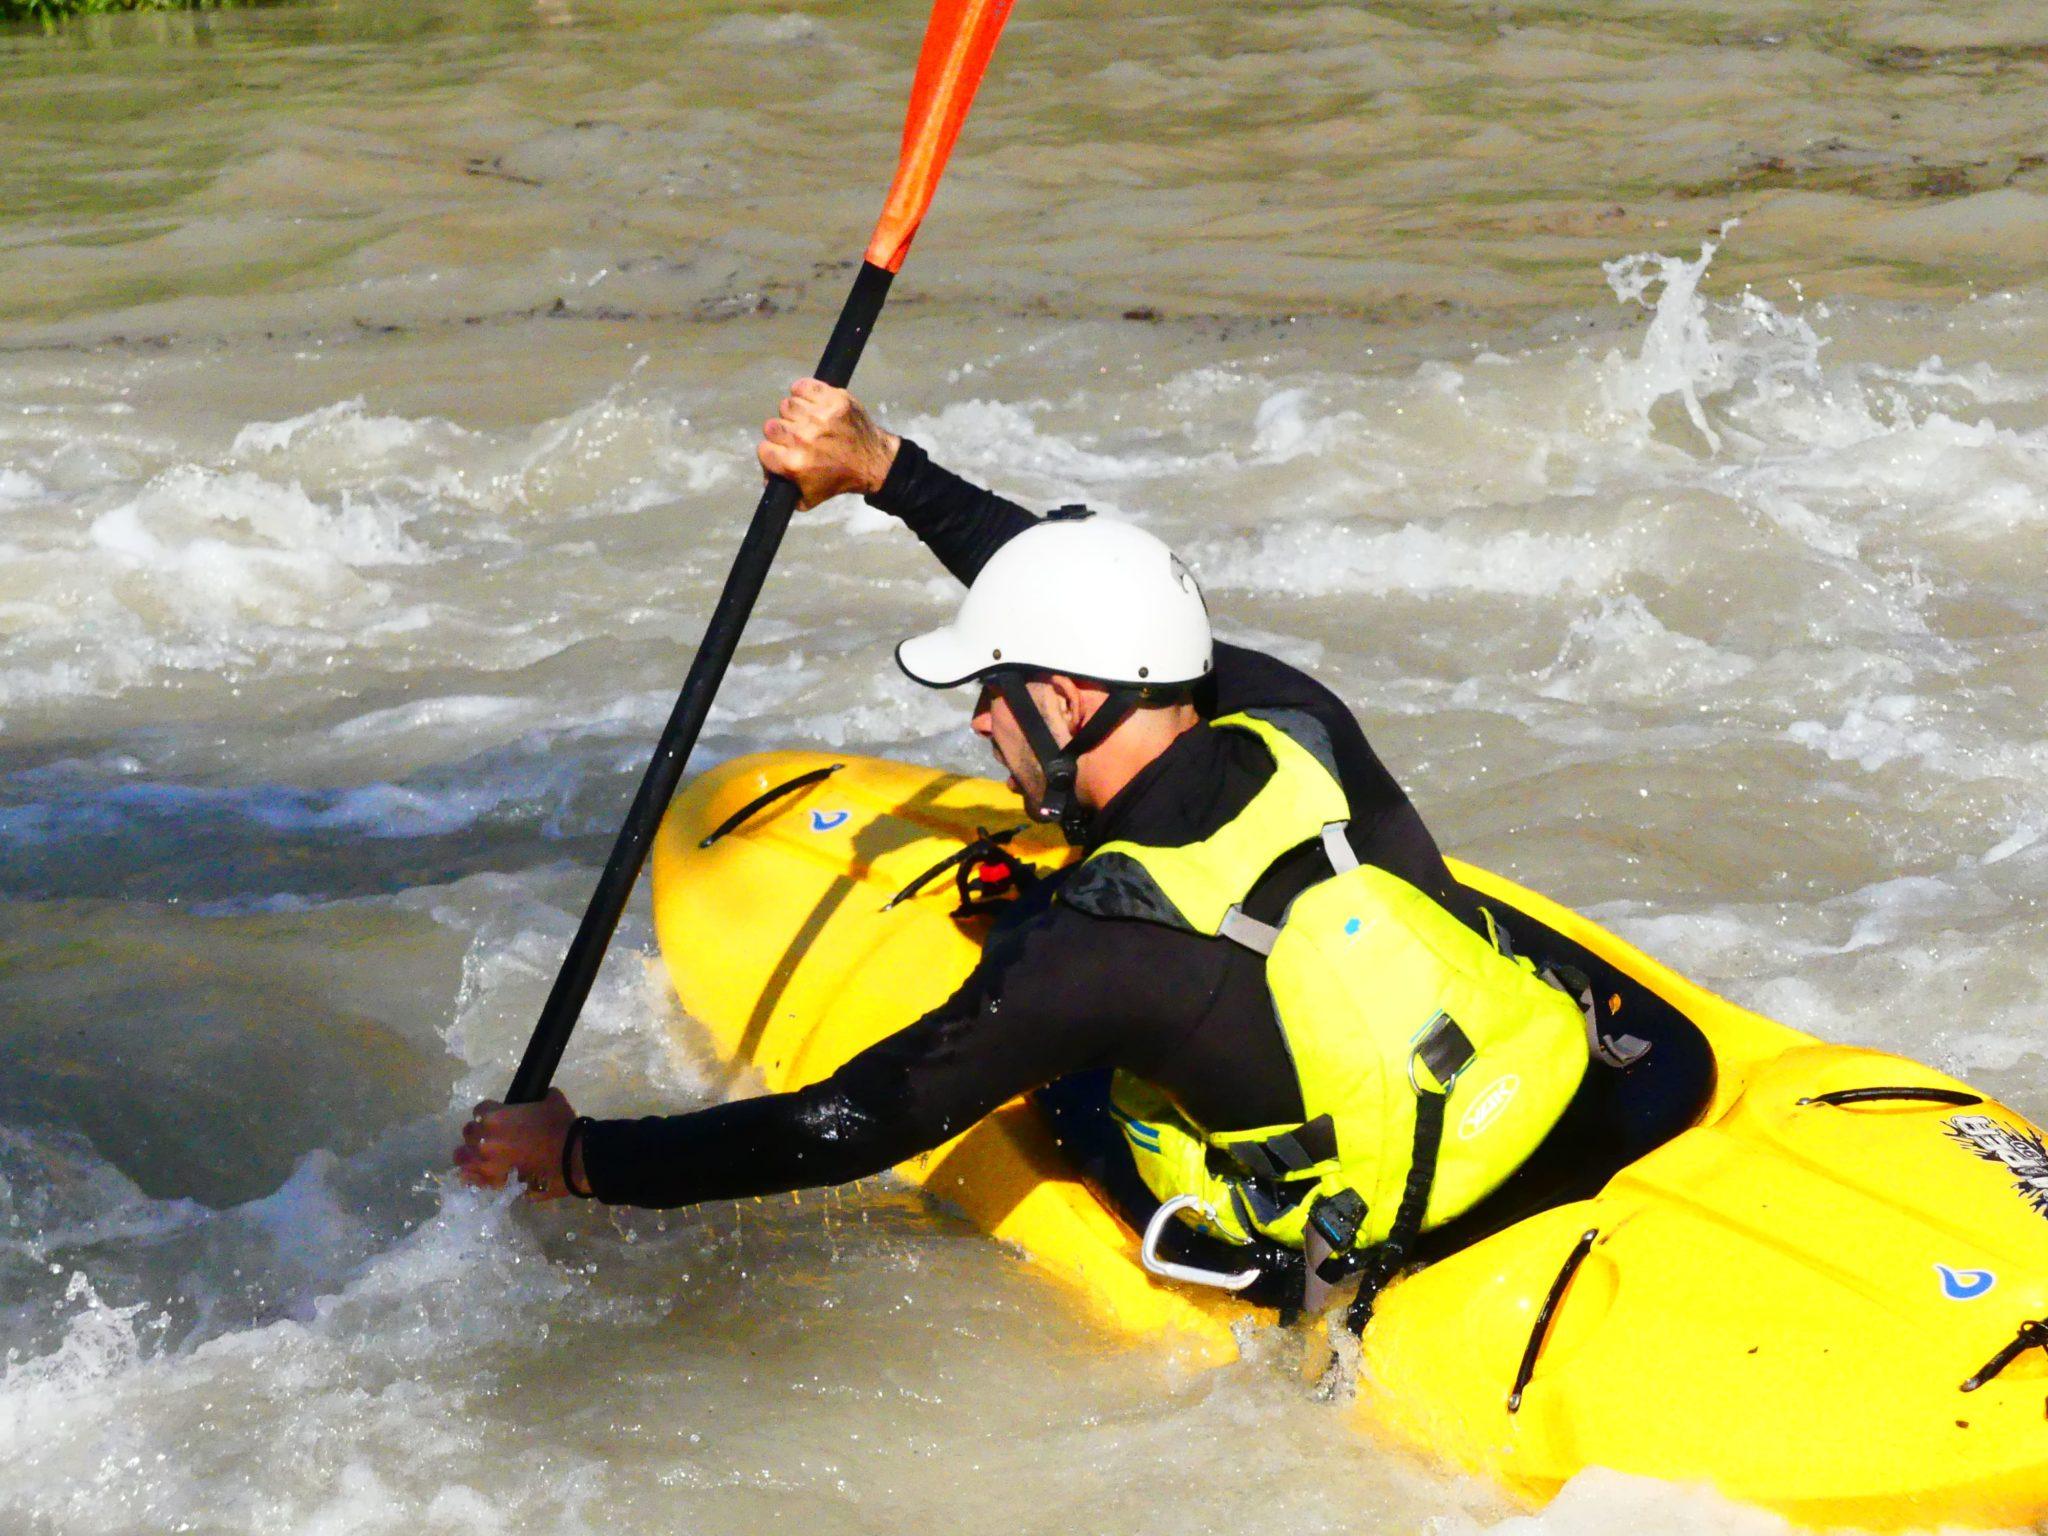 kayak de seguridad vigilando la actividad al aire libre